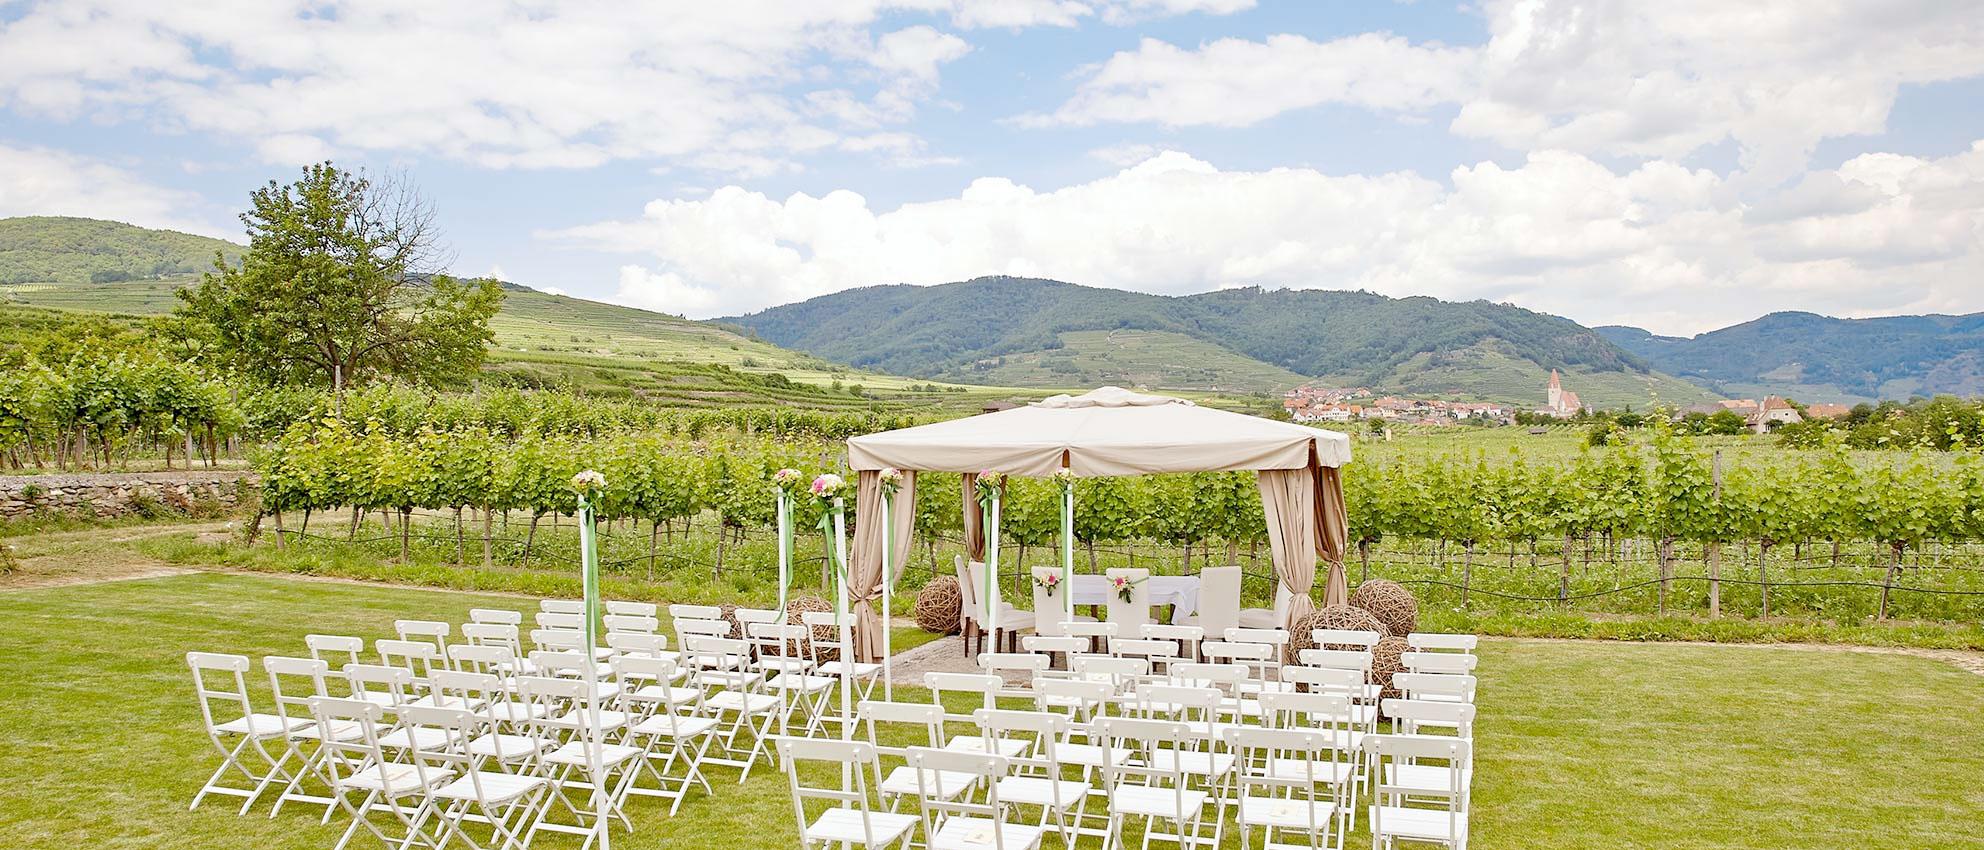 Heiraten in der Wachau am Weingut Holzapfel